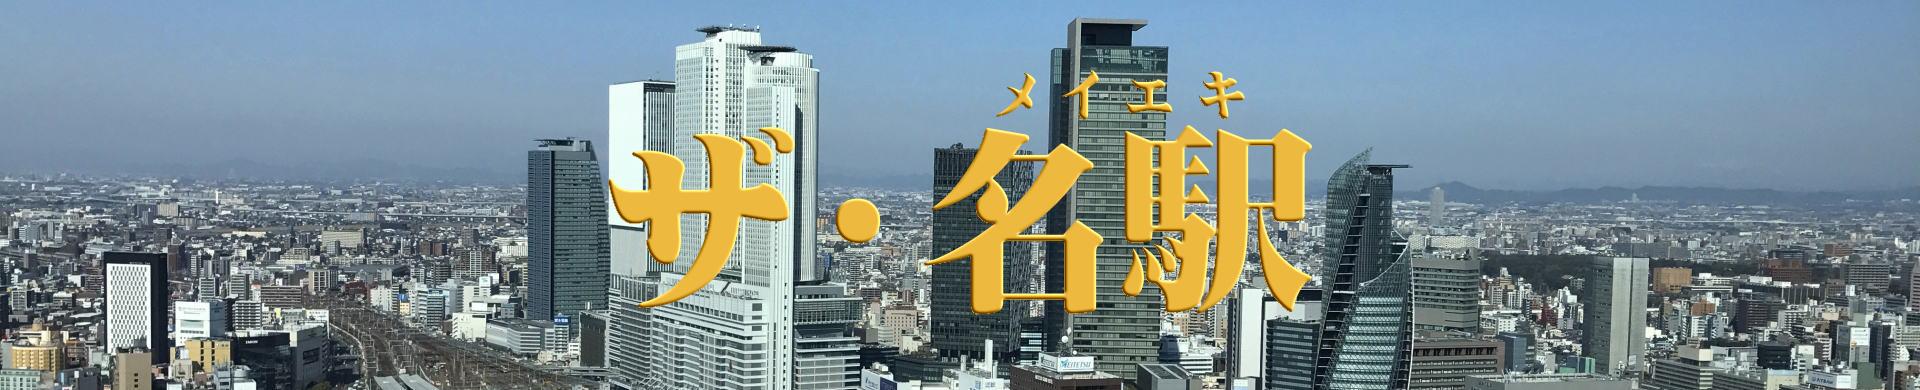 ザ・名駅(メイエキ)